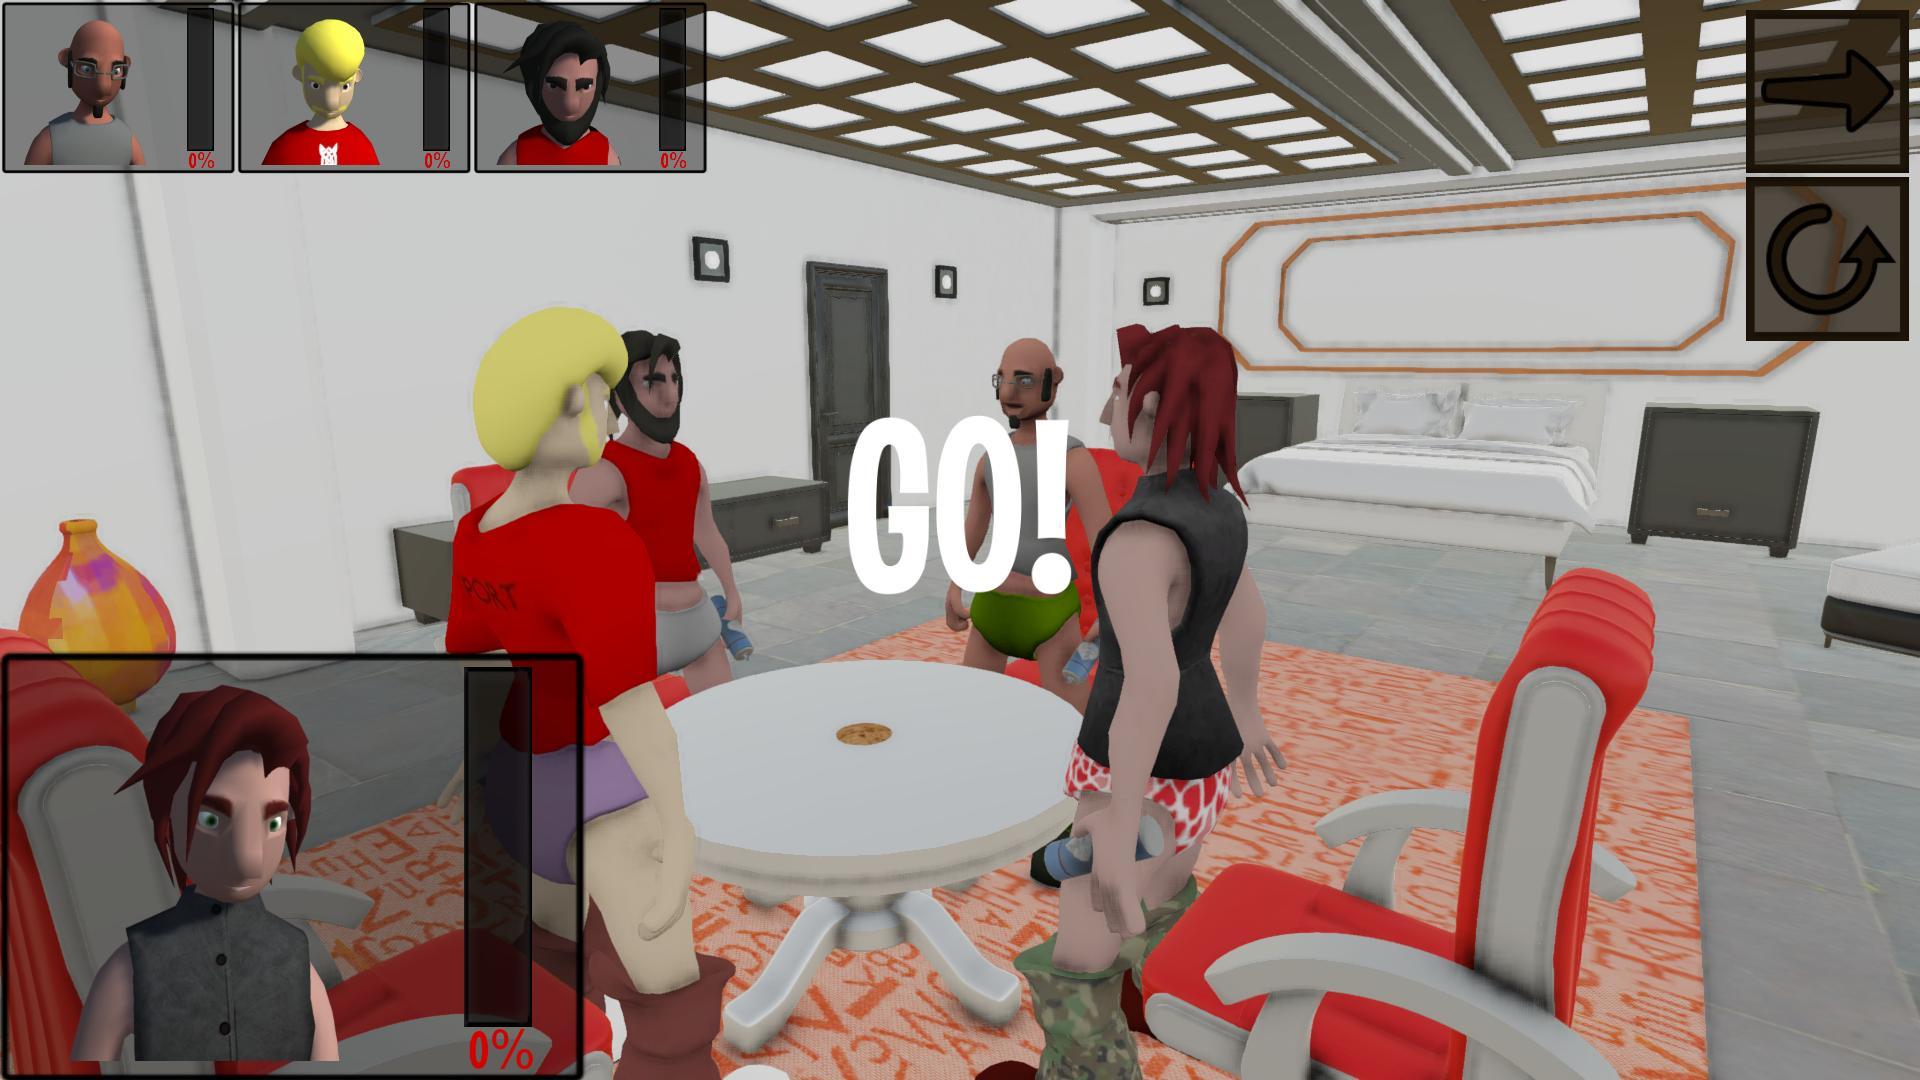 com.steam.1019070-screenshot